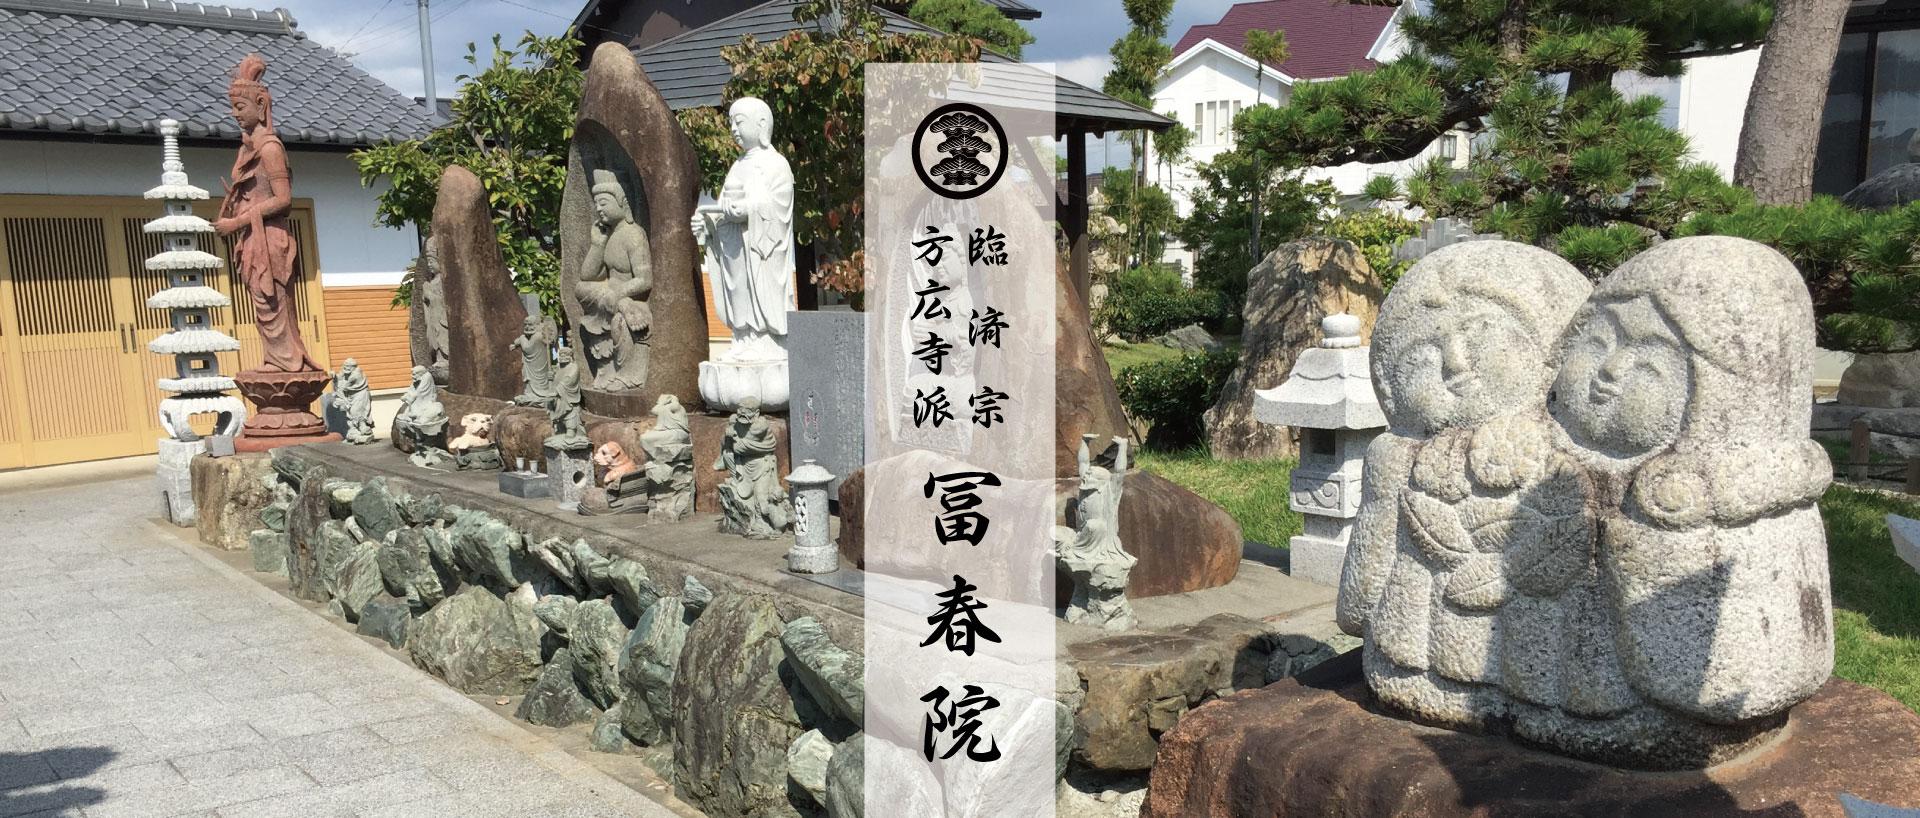 浜松七福神 寿老尊天霊場